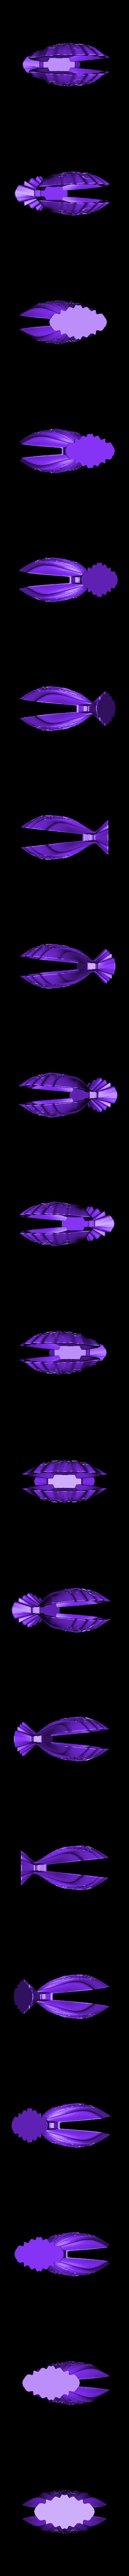 coquille v6.stl Download free STL file towel holder shell • 3D printable template, micaldez